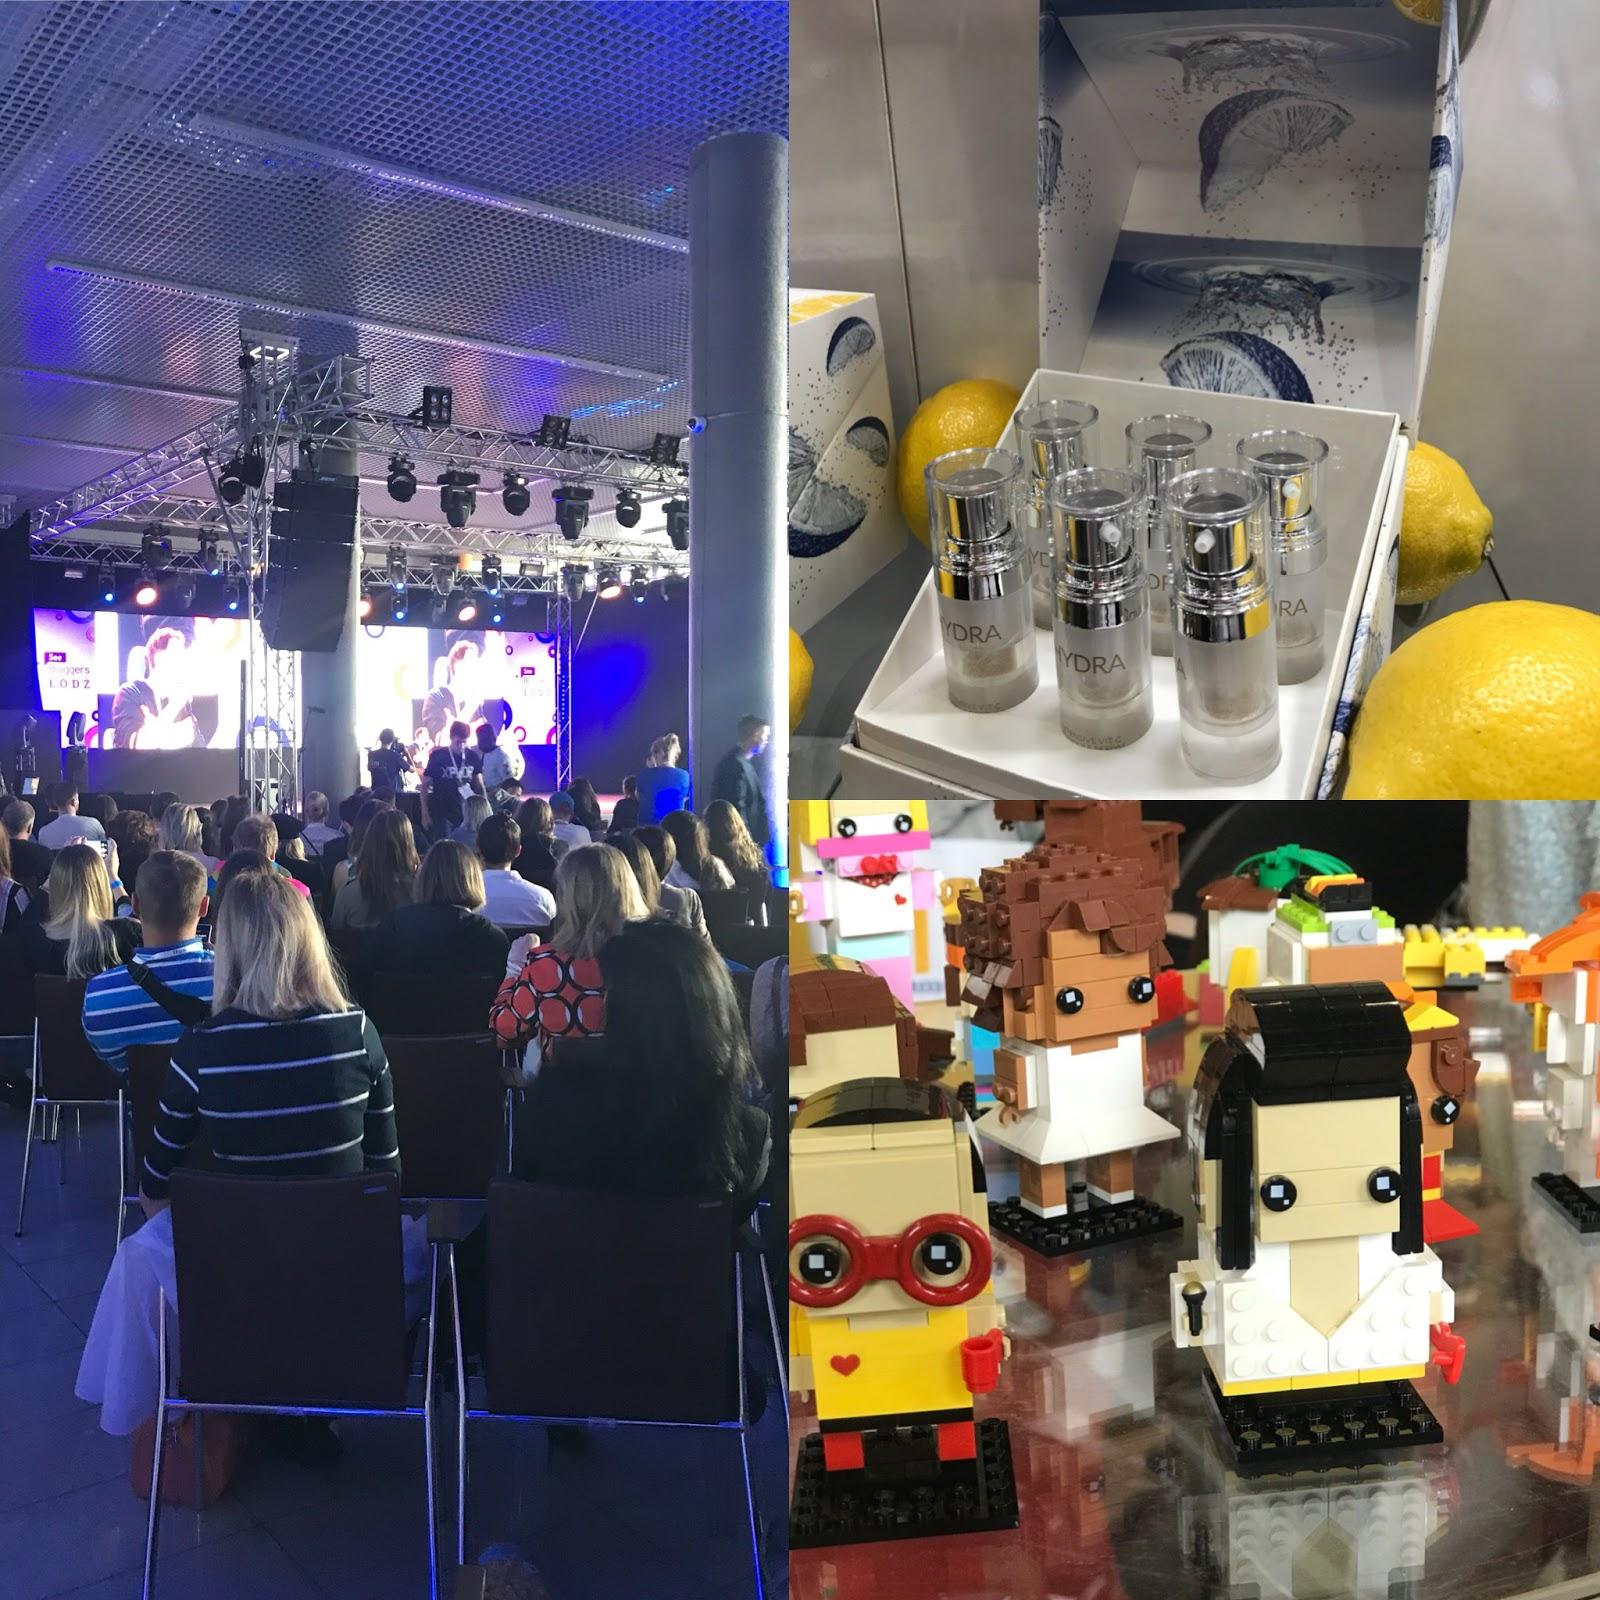 See Bloggers - łódź 2018 / moje wrażenia z największego spotkania blogerów w Polsce / Czy warto jechać?